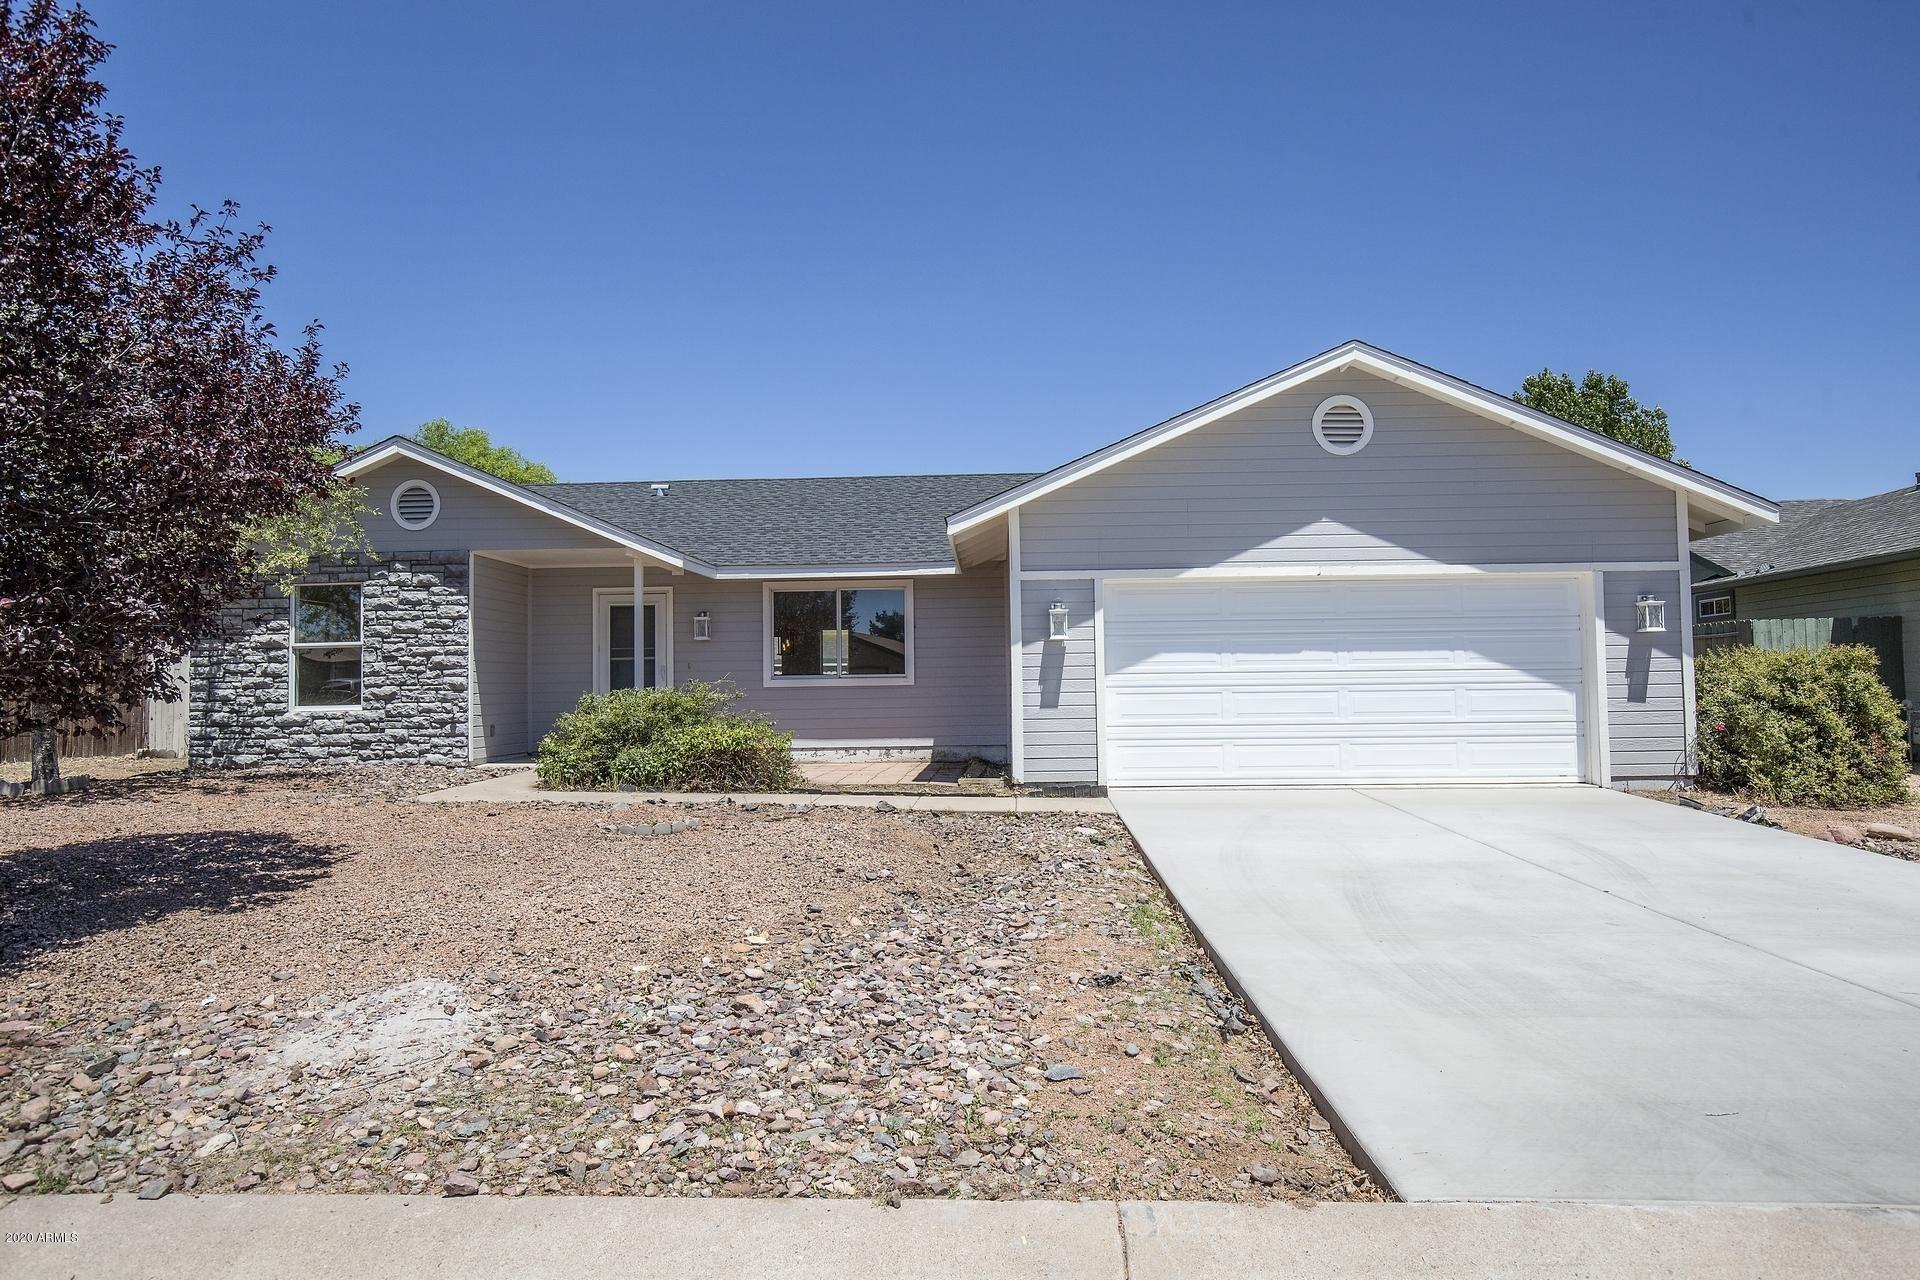 902 W Chatham Drive, Payson, AZ 85541 - MLS#: 6114900